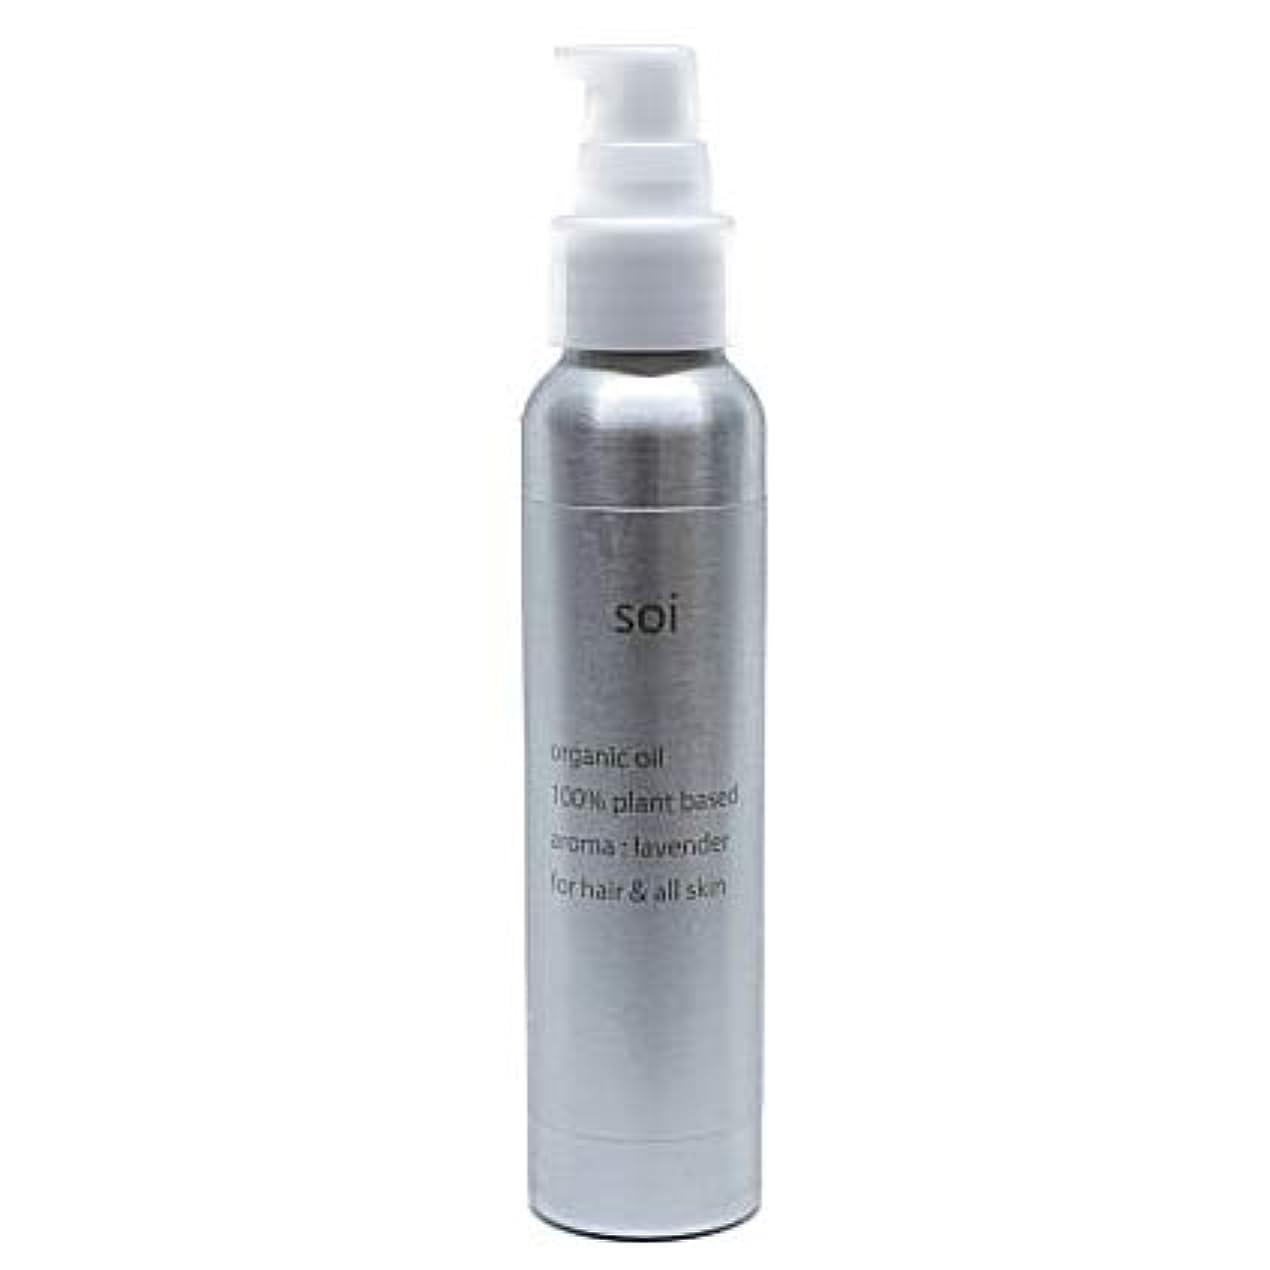 タヒチ閉じる冷淡なsoioil/ソイオイル オーガニックオイル【濡れ感×自然な束感】濡れ髪風仕上げにおすすめ